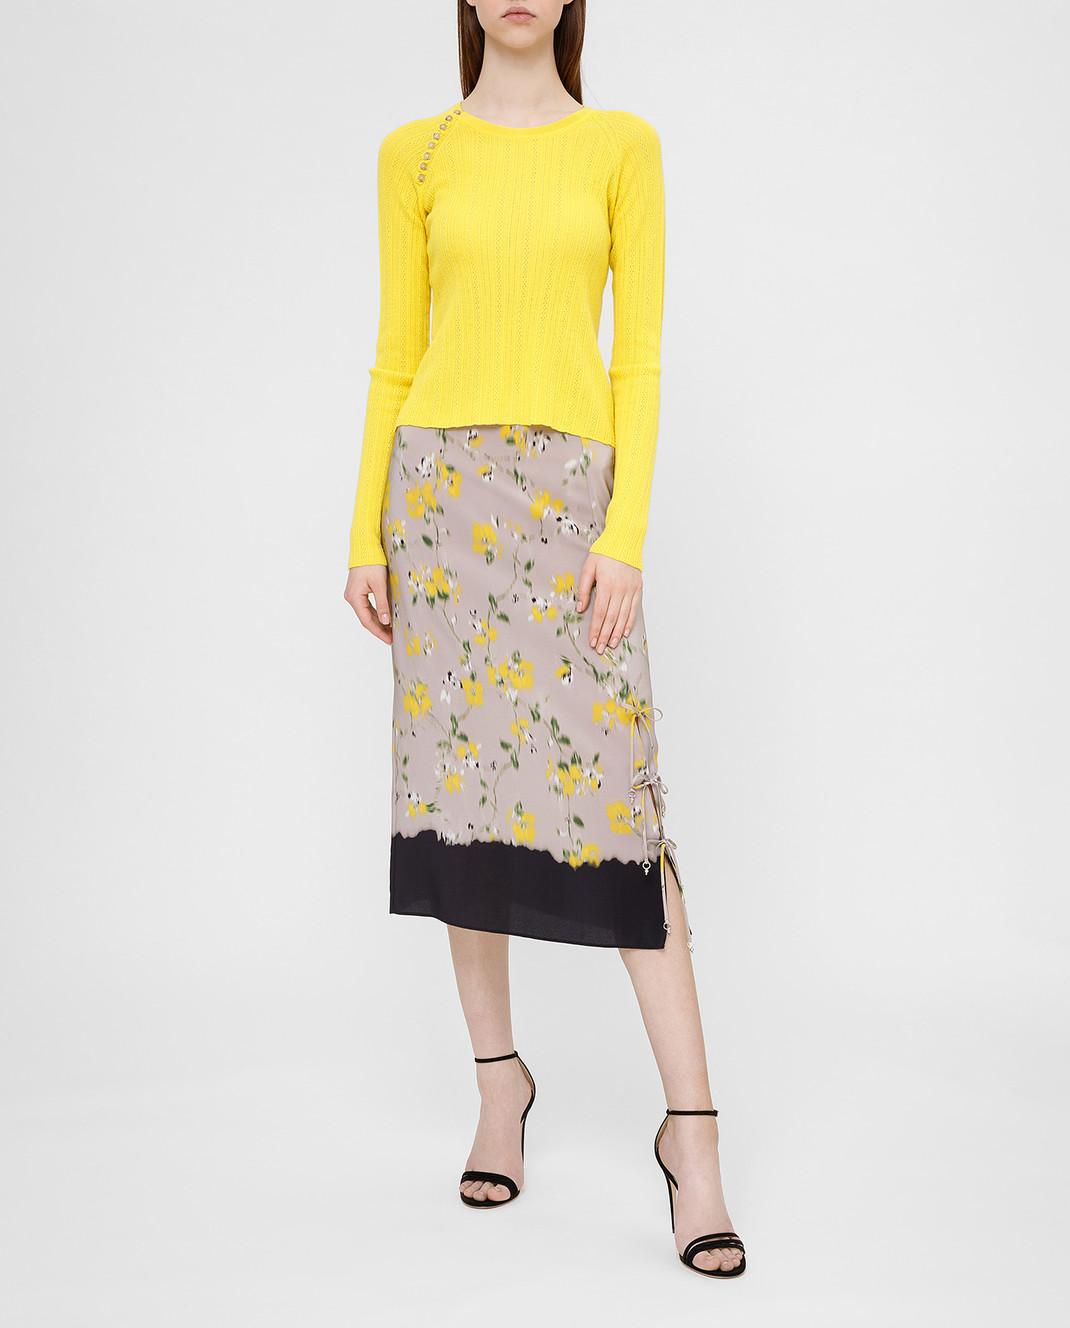 Altuzarra Серая юбка из шелка изображение 2